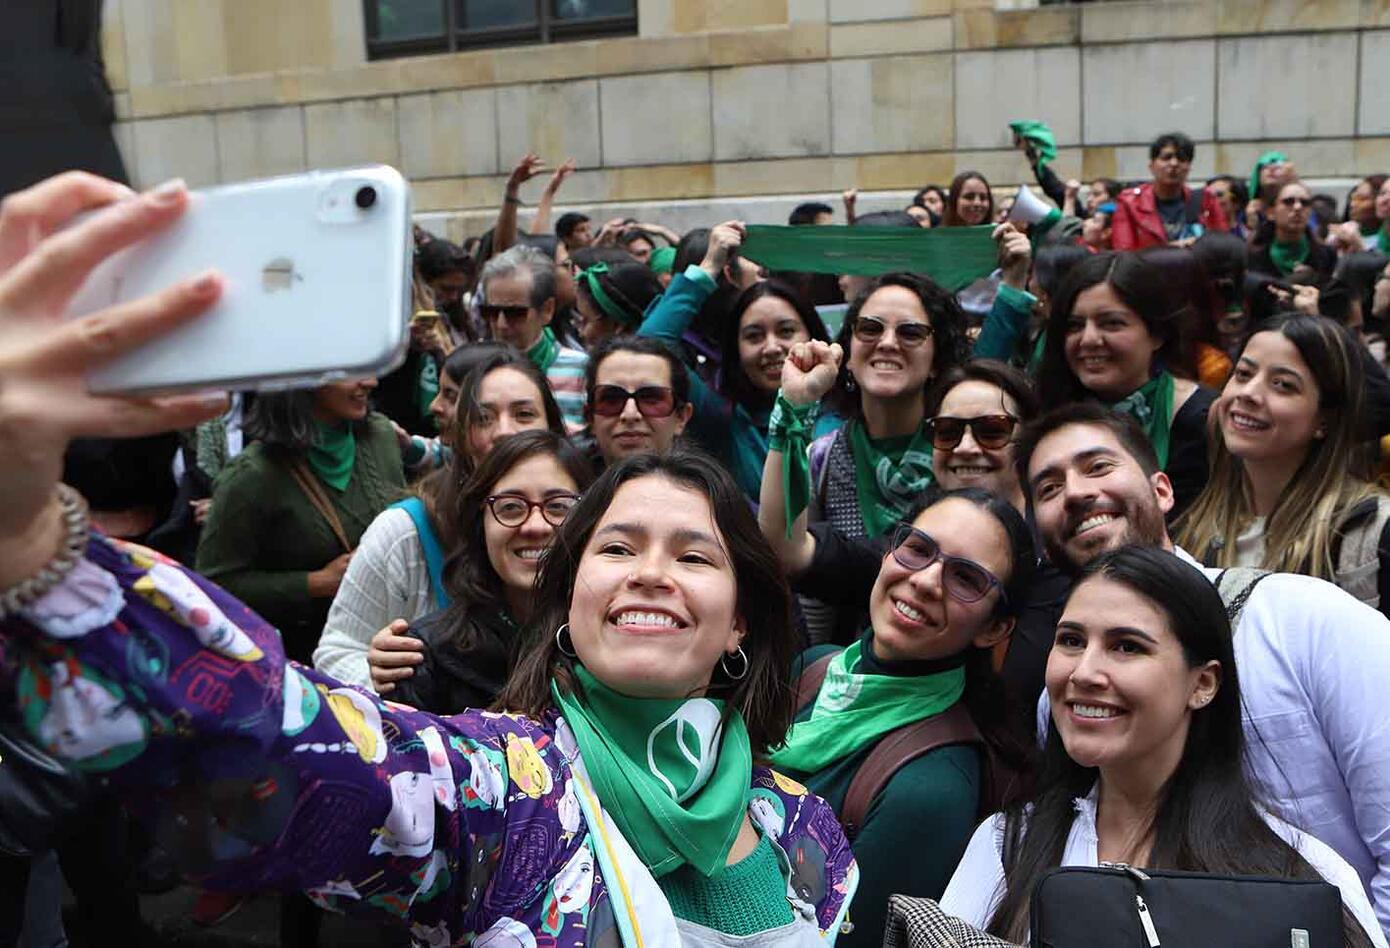 Más de 30 docentes del país entregaron a la Corte una carta abierta en la que piden a los magistrados despenalizar el aborto en Colombia.